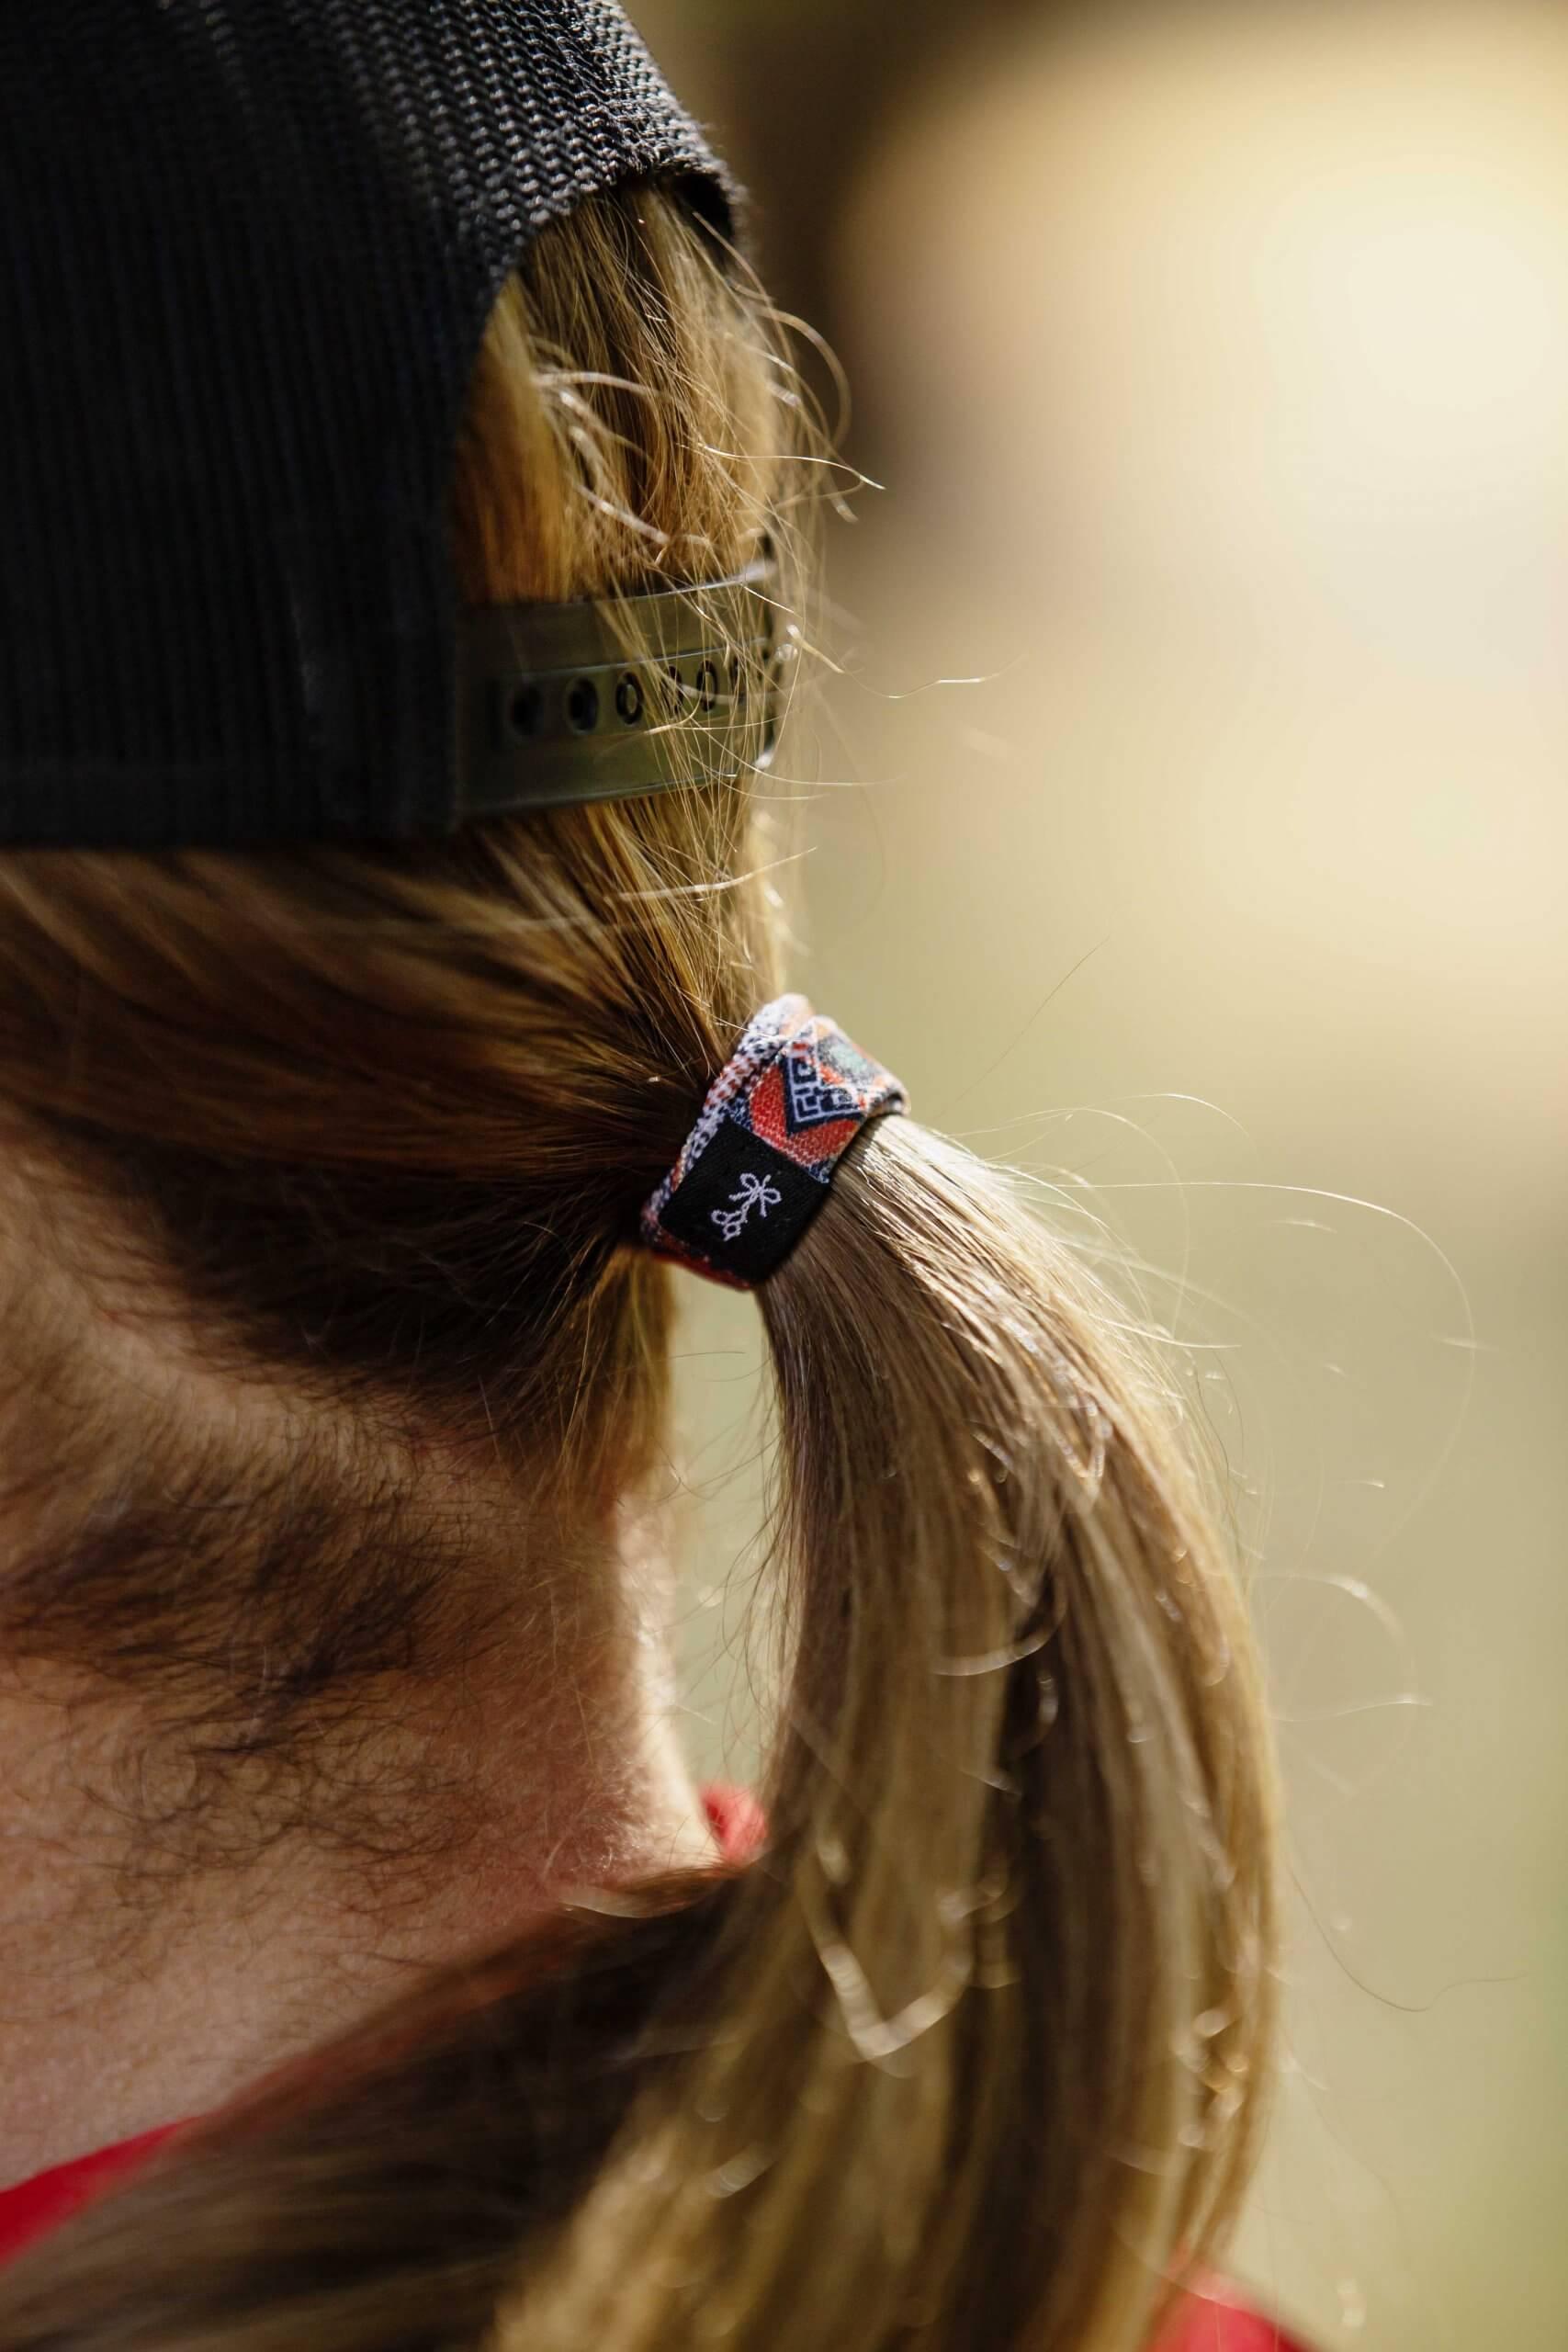 Hair Ties For Guys close-up in El Rubio's hair (nice menstail btw)